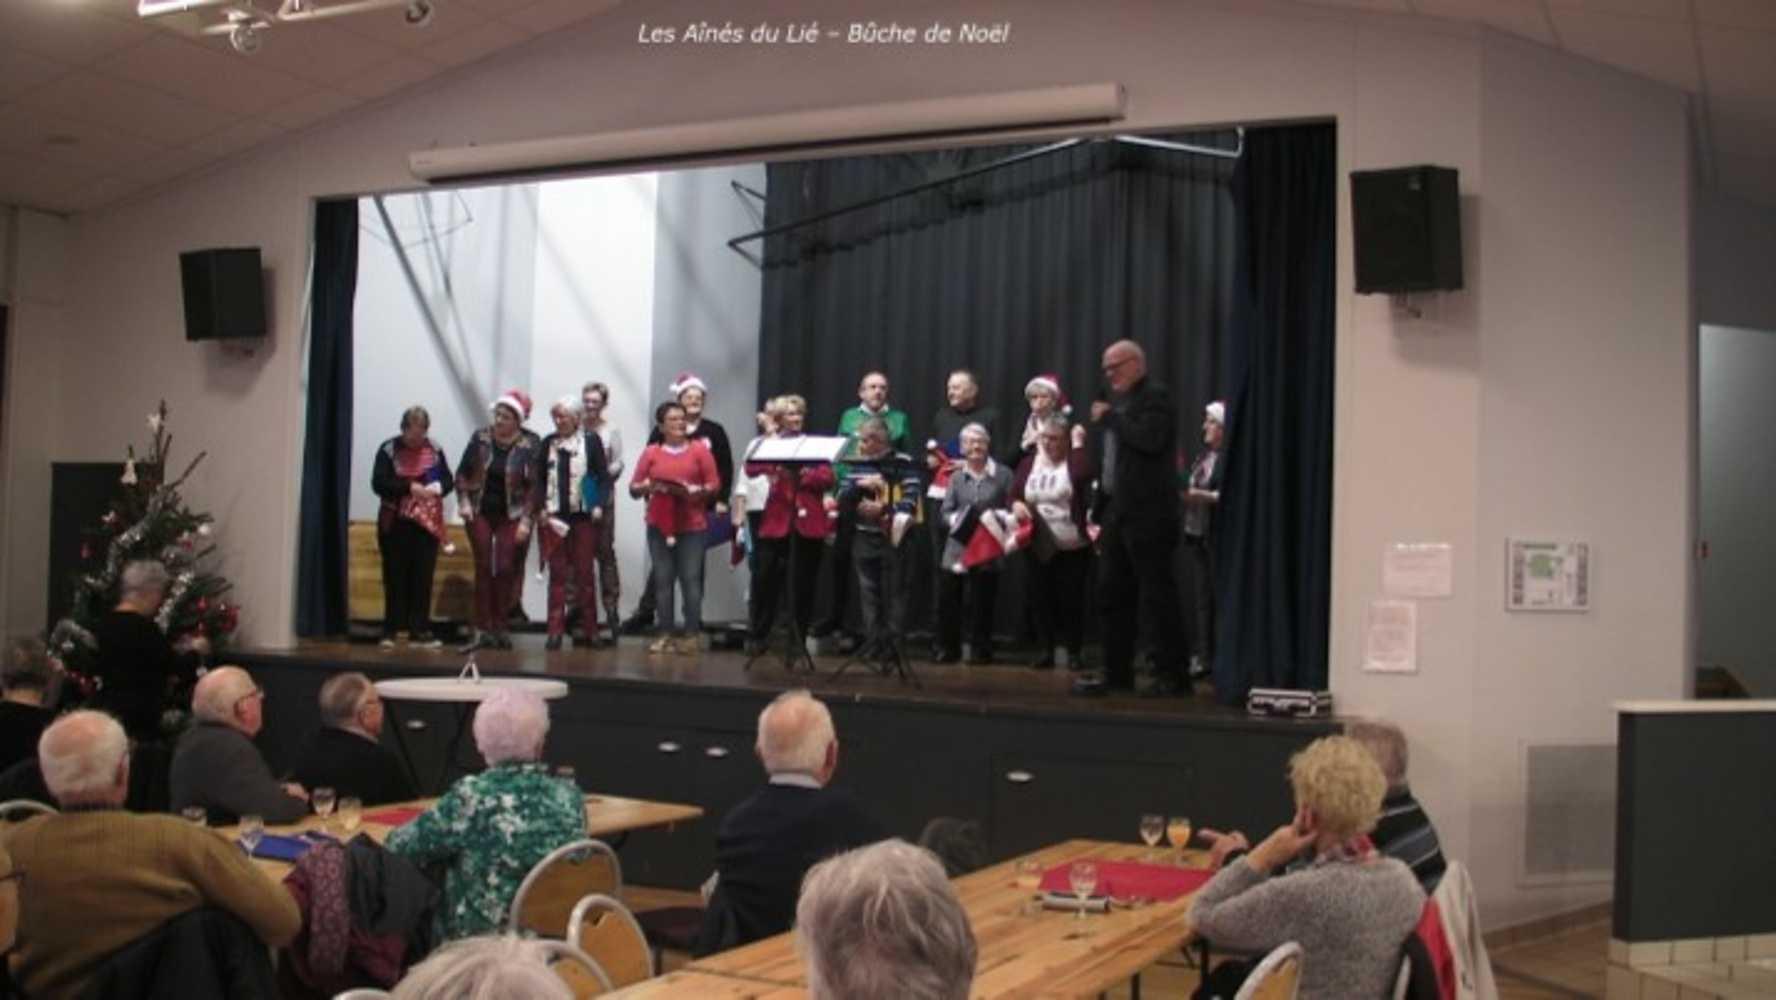 Photos de la chorale des Aînés du Lié à la bûche de Noël image7